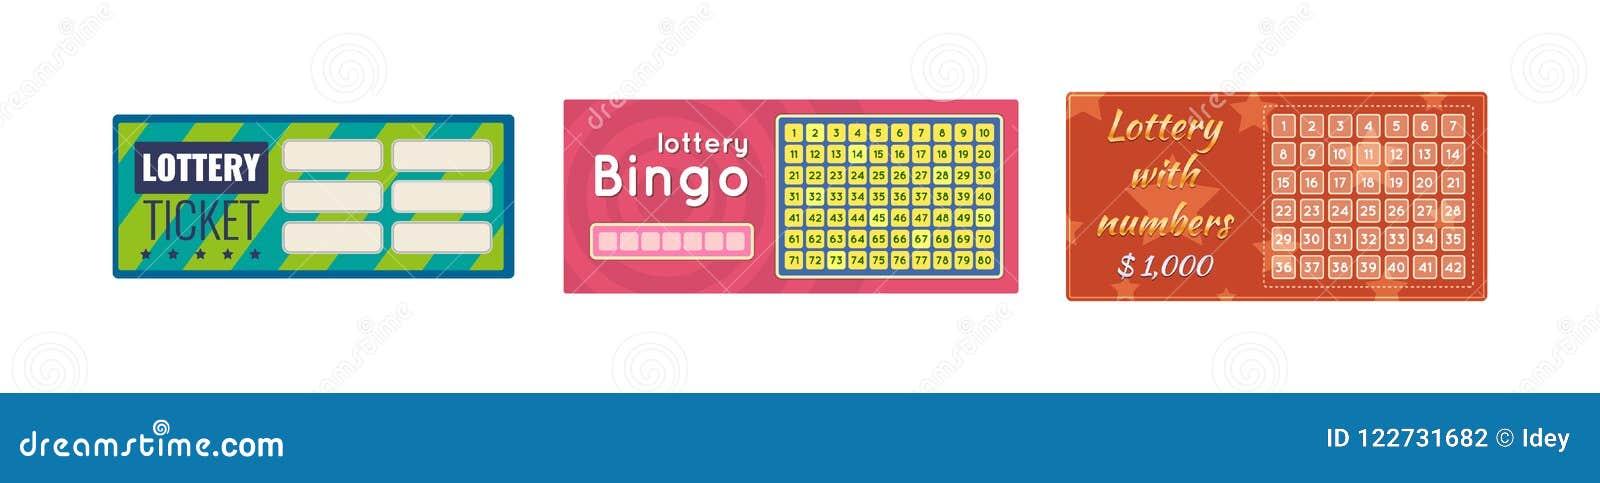 Lotto Xl Prijzen